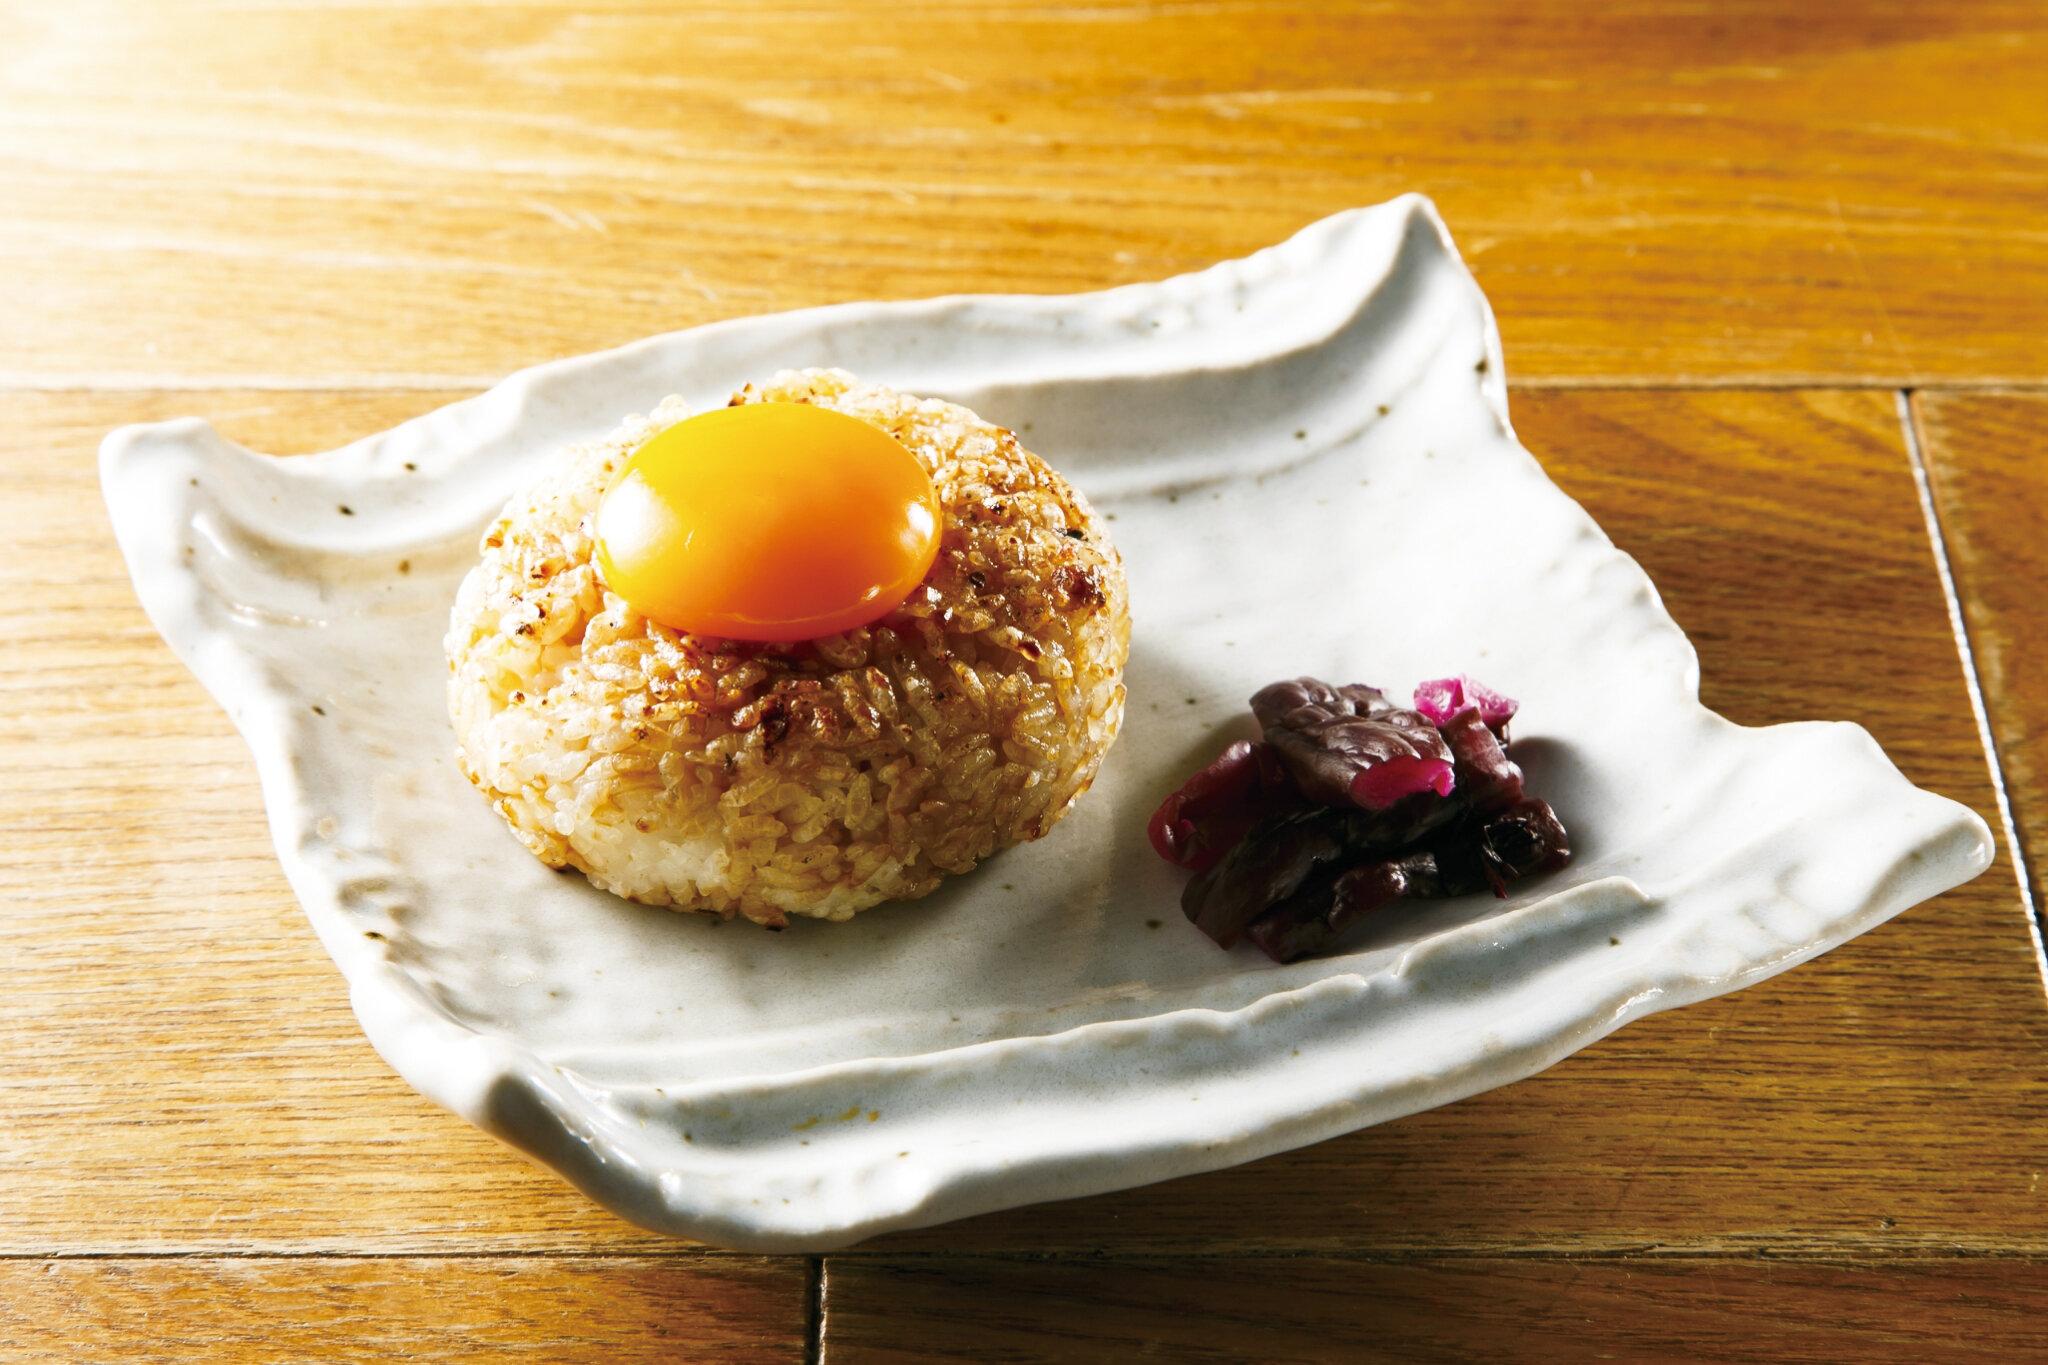 焼おにぎり 卵黄醤油 Grilled Riceball with Egg Yolk ($5)